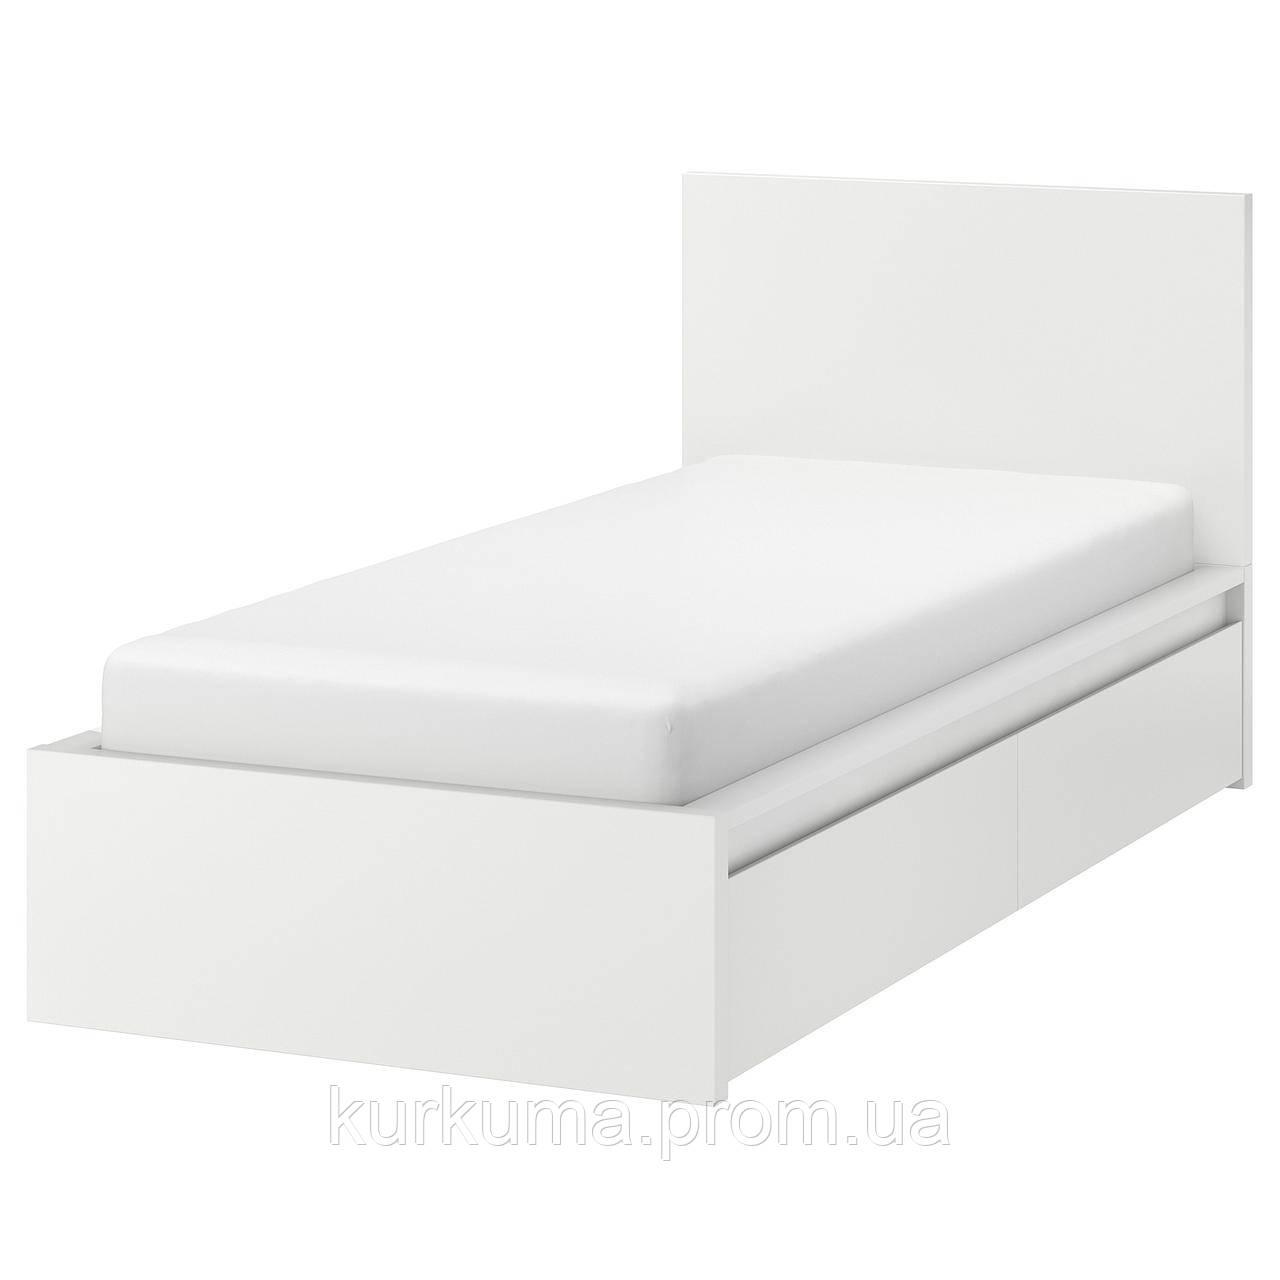 IKEA MALM Кровать высокая с 2 ящиками для хранения, белый, Лурой  (290.115.07)